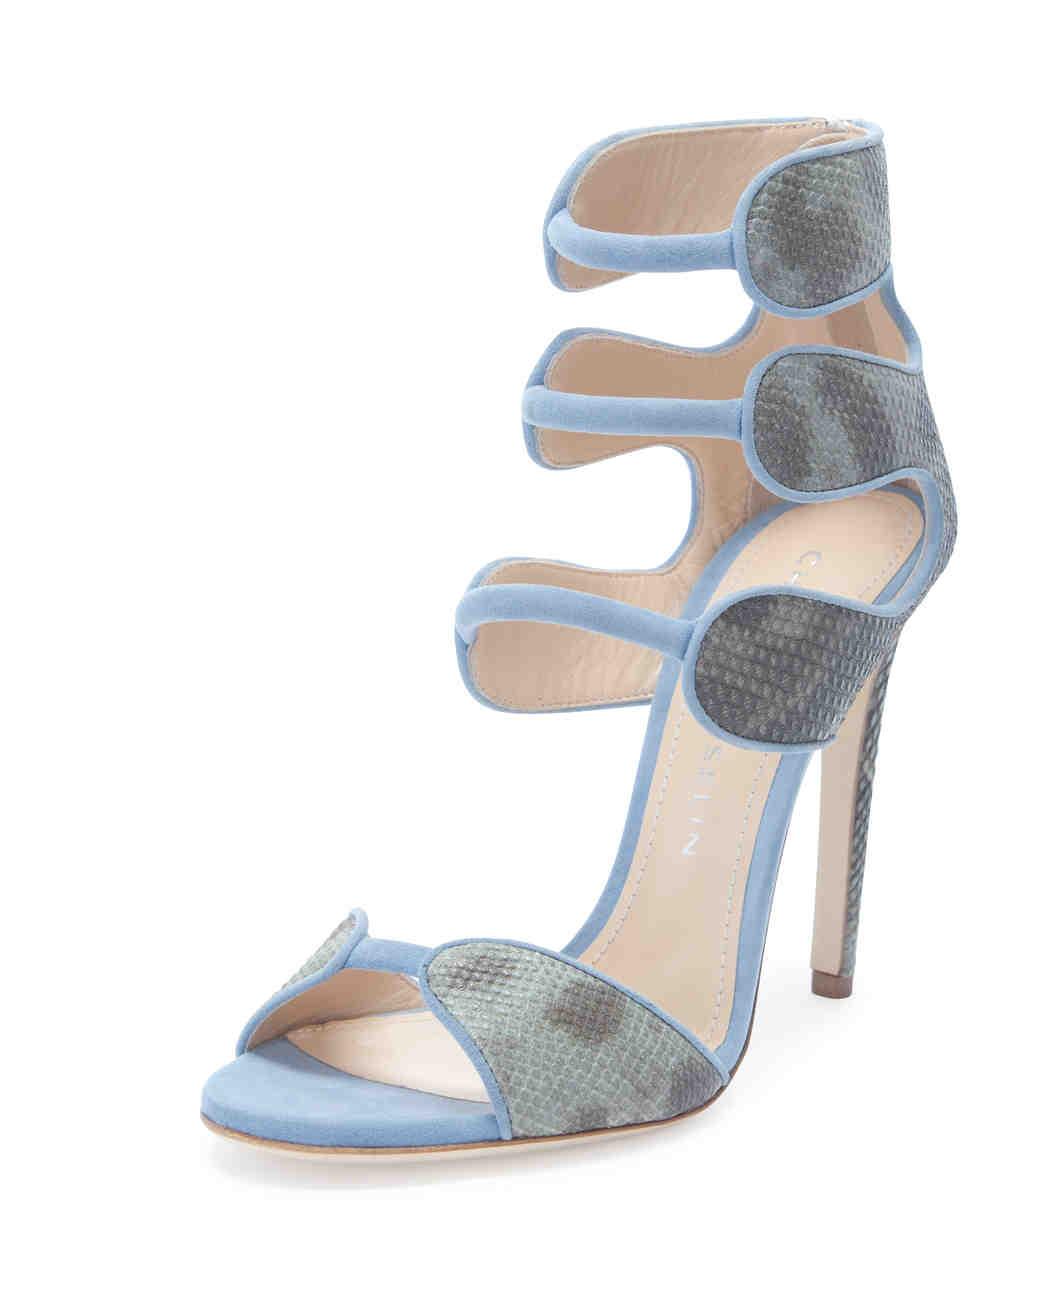 what-were-loving-now-collen-chloe-gosselin-shoes-1015.jpg